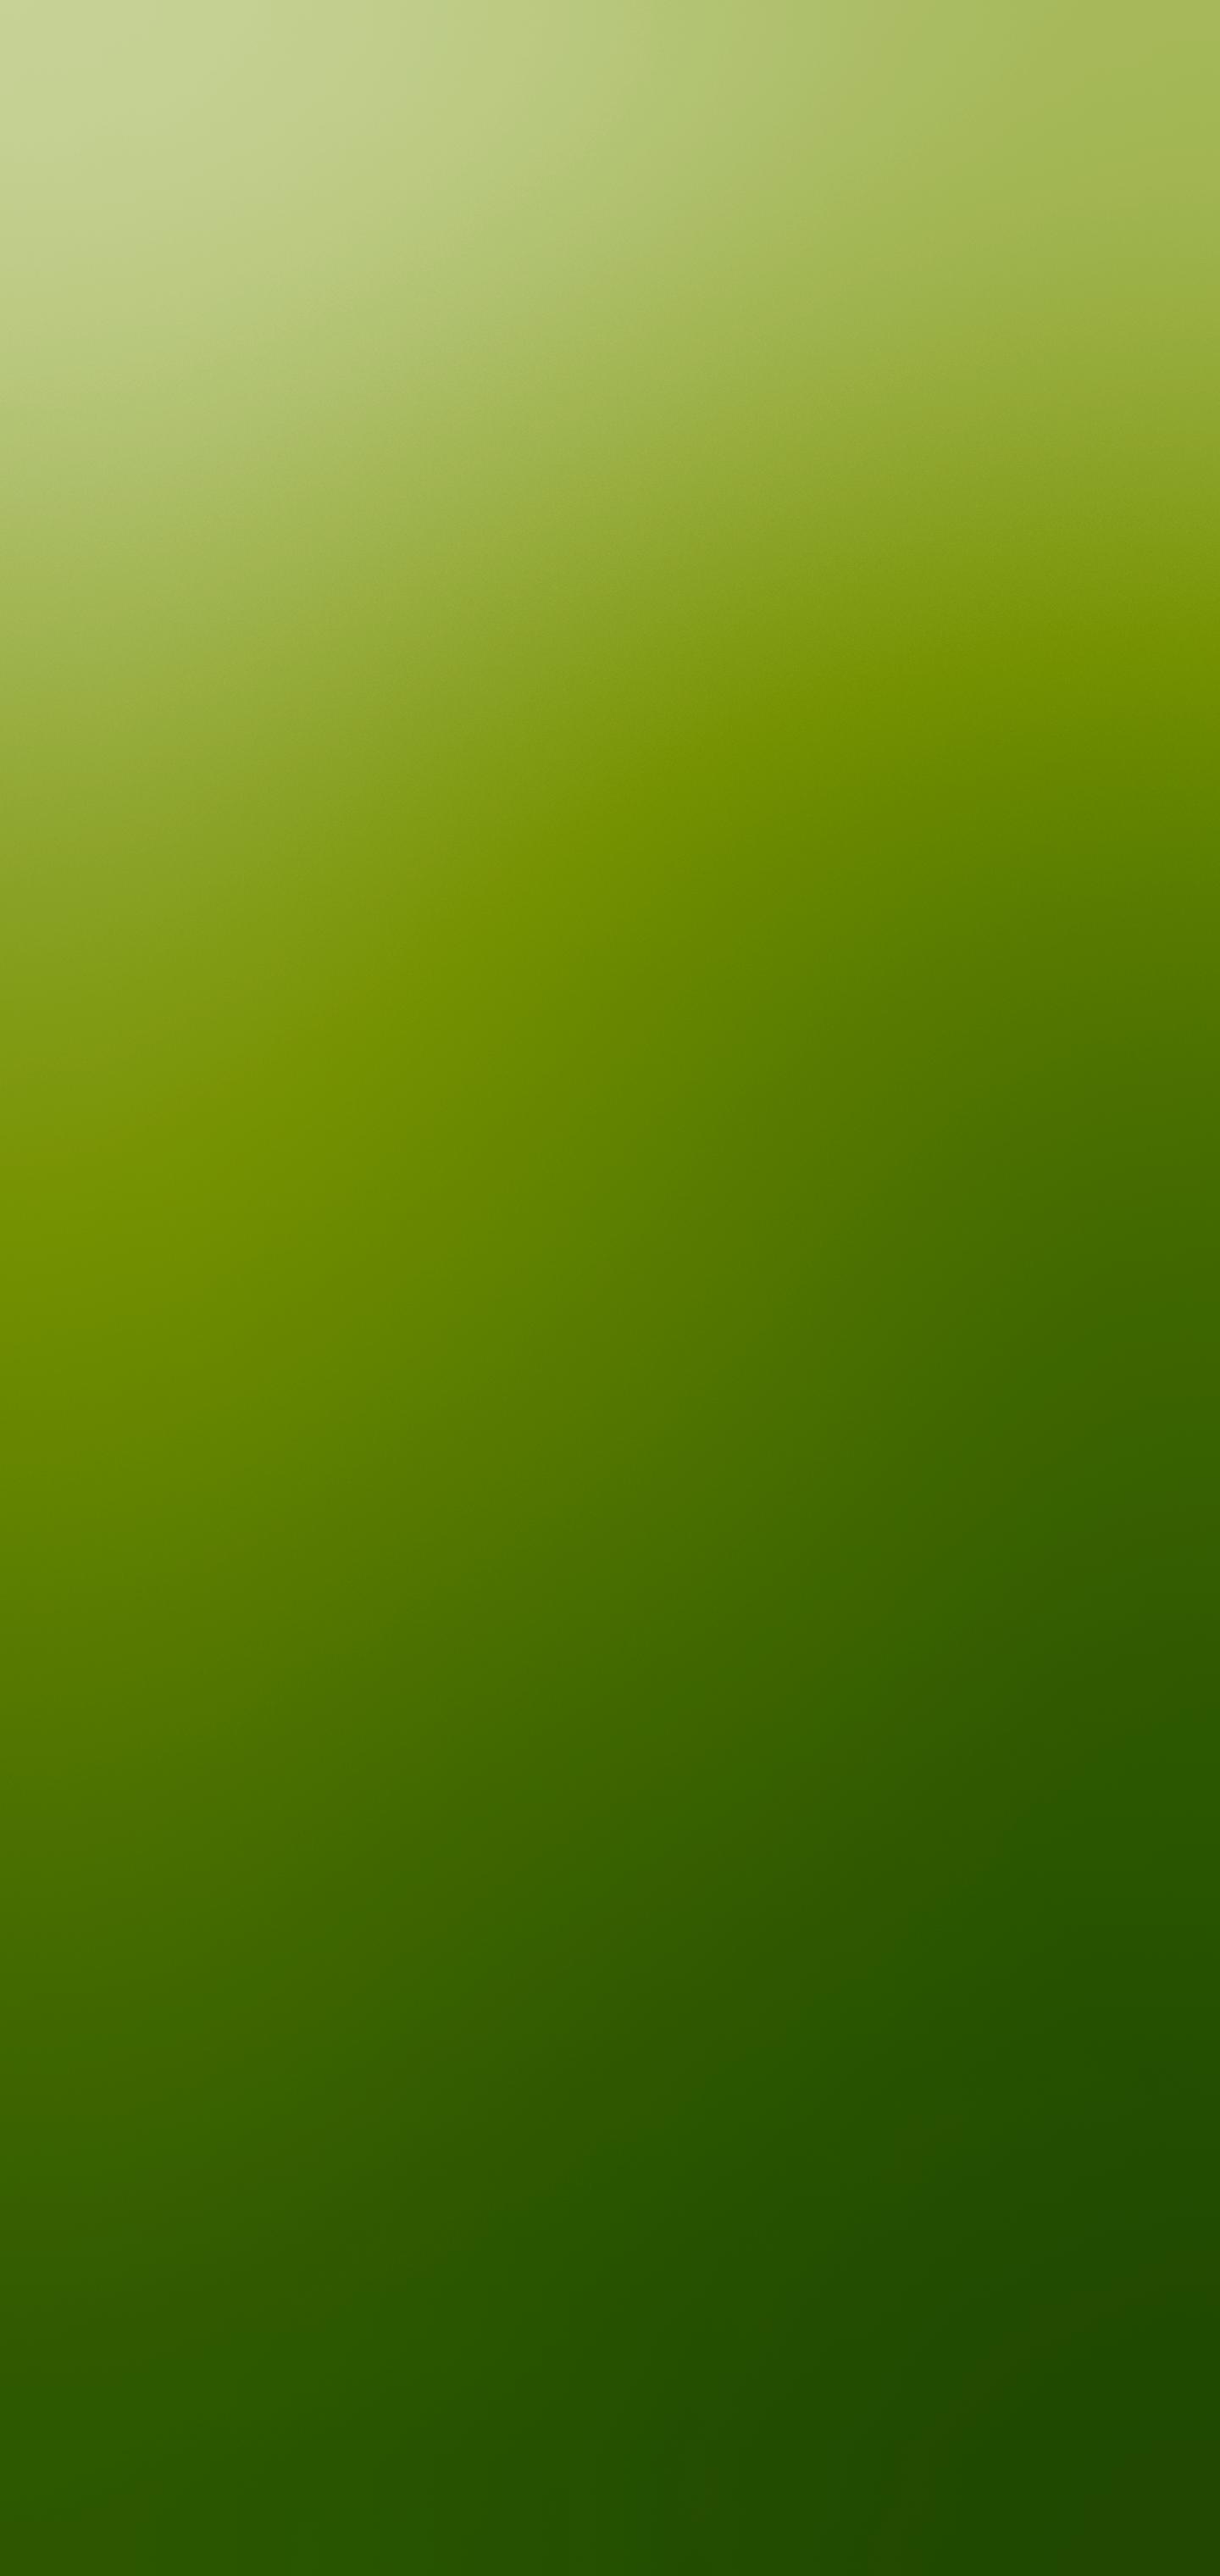 gradient iPhone wallpaper marcusbremen idownloadblog green